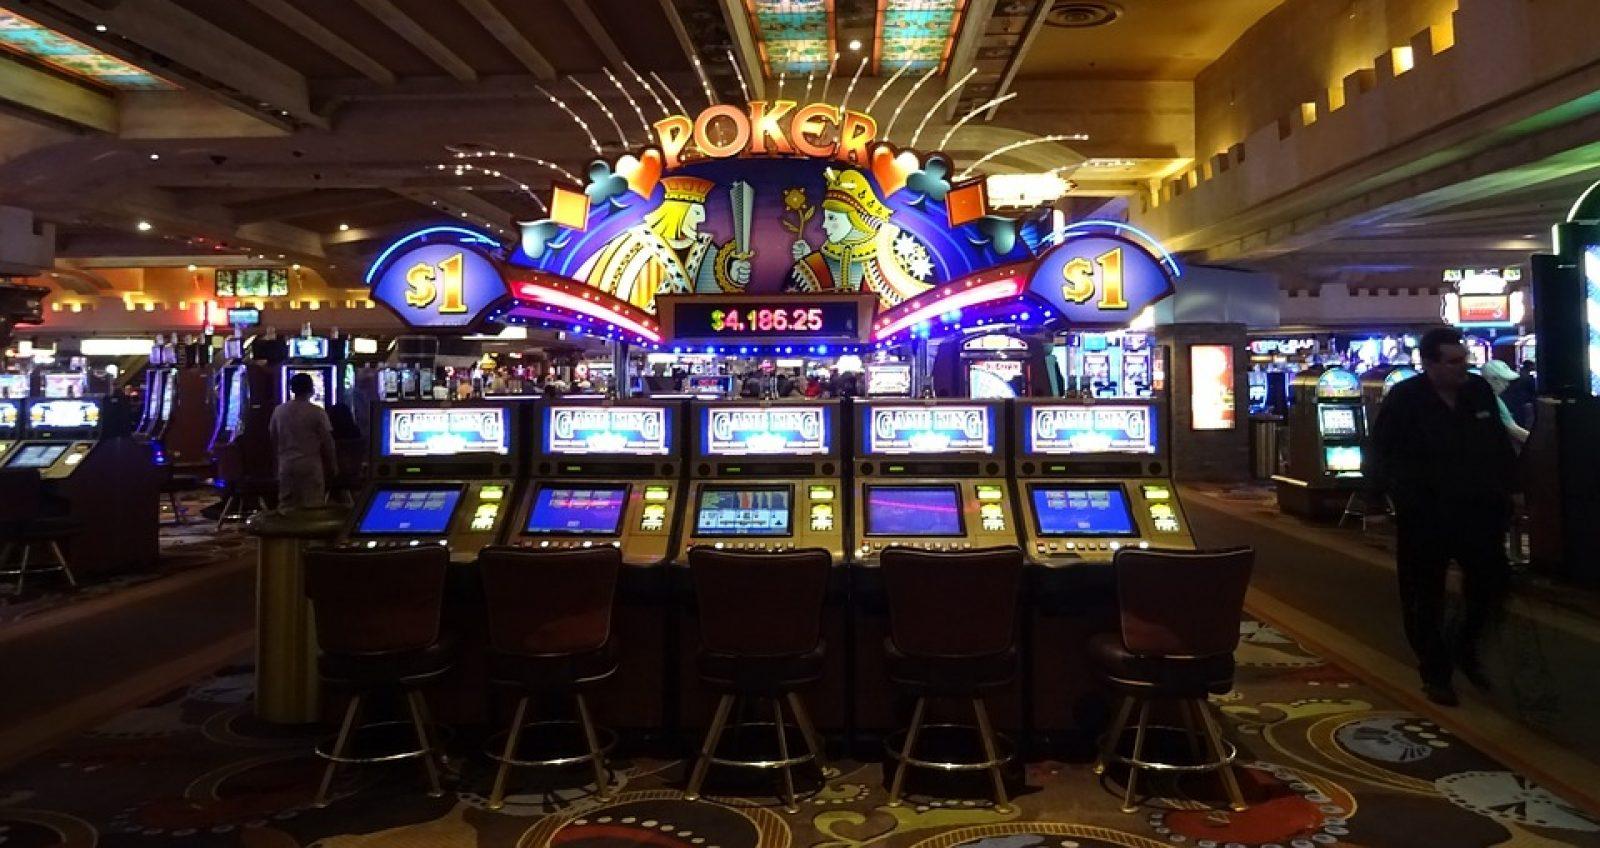 Nya svenska casino - Spelregler för online casino i Sverige